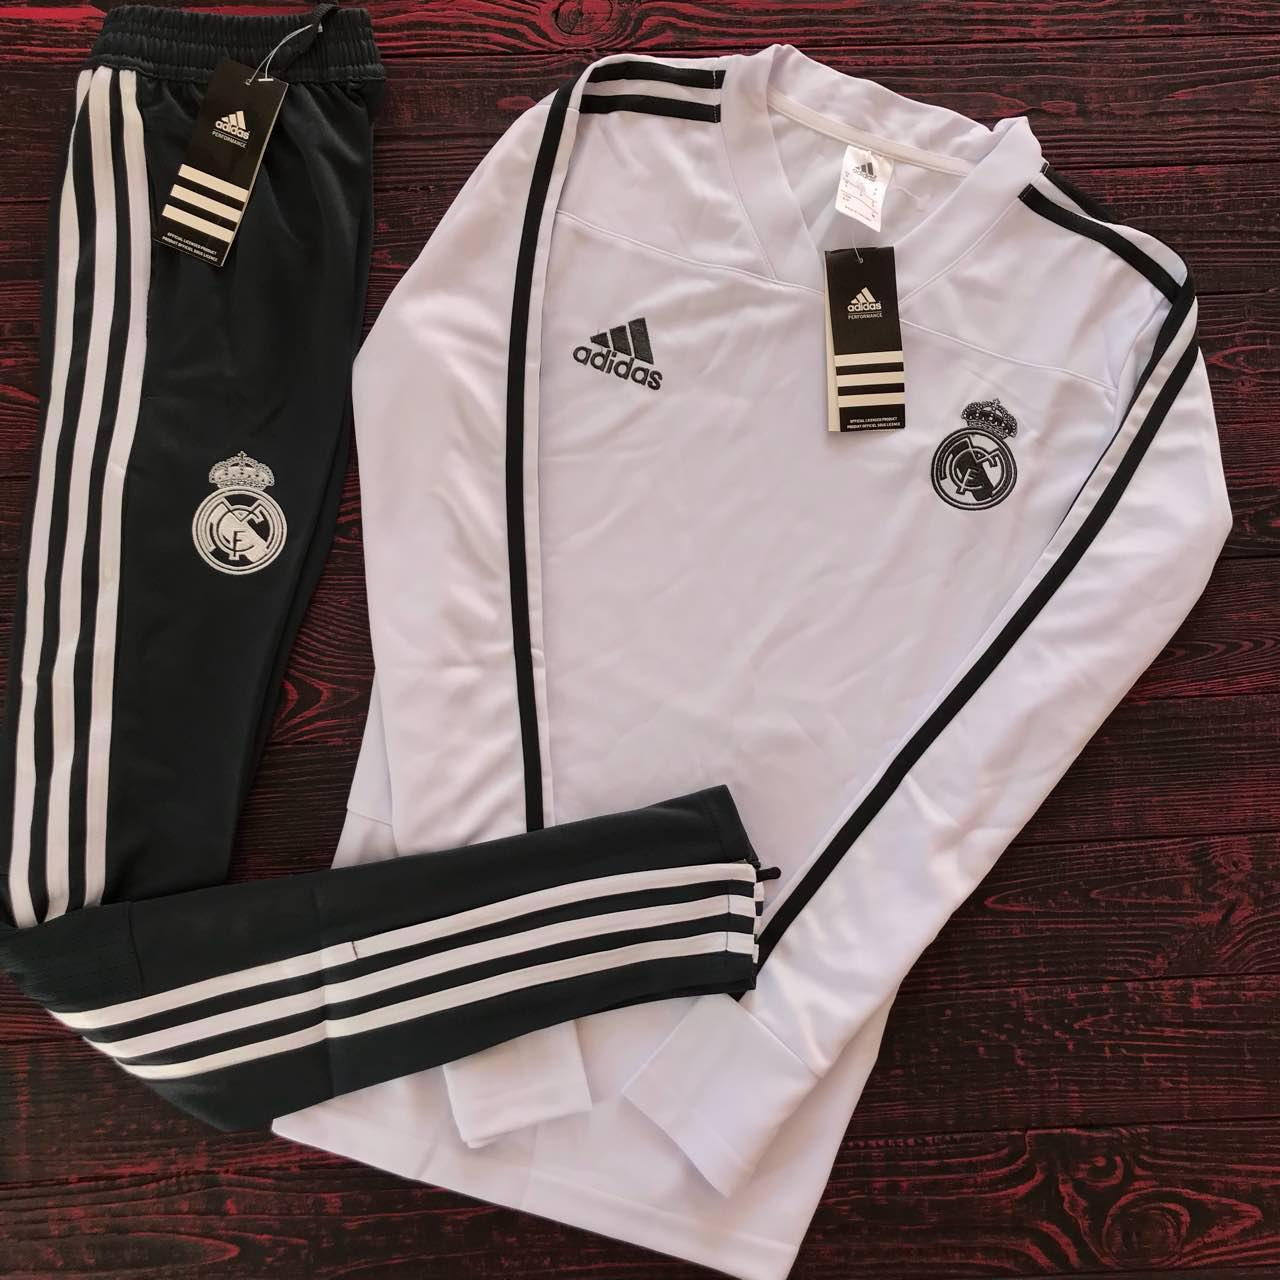 420e93fb7c25 Спортивный (тренировочный ) костюм Реал Мадрид (Real Madrid) 2018-2019  сезона -